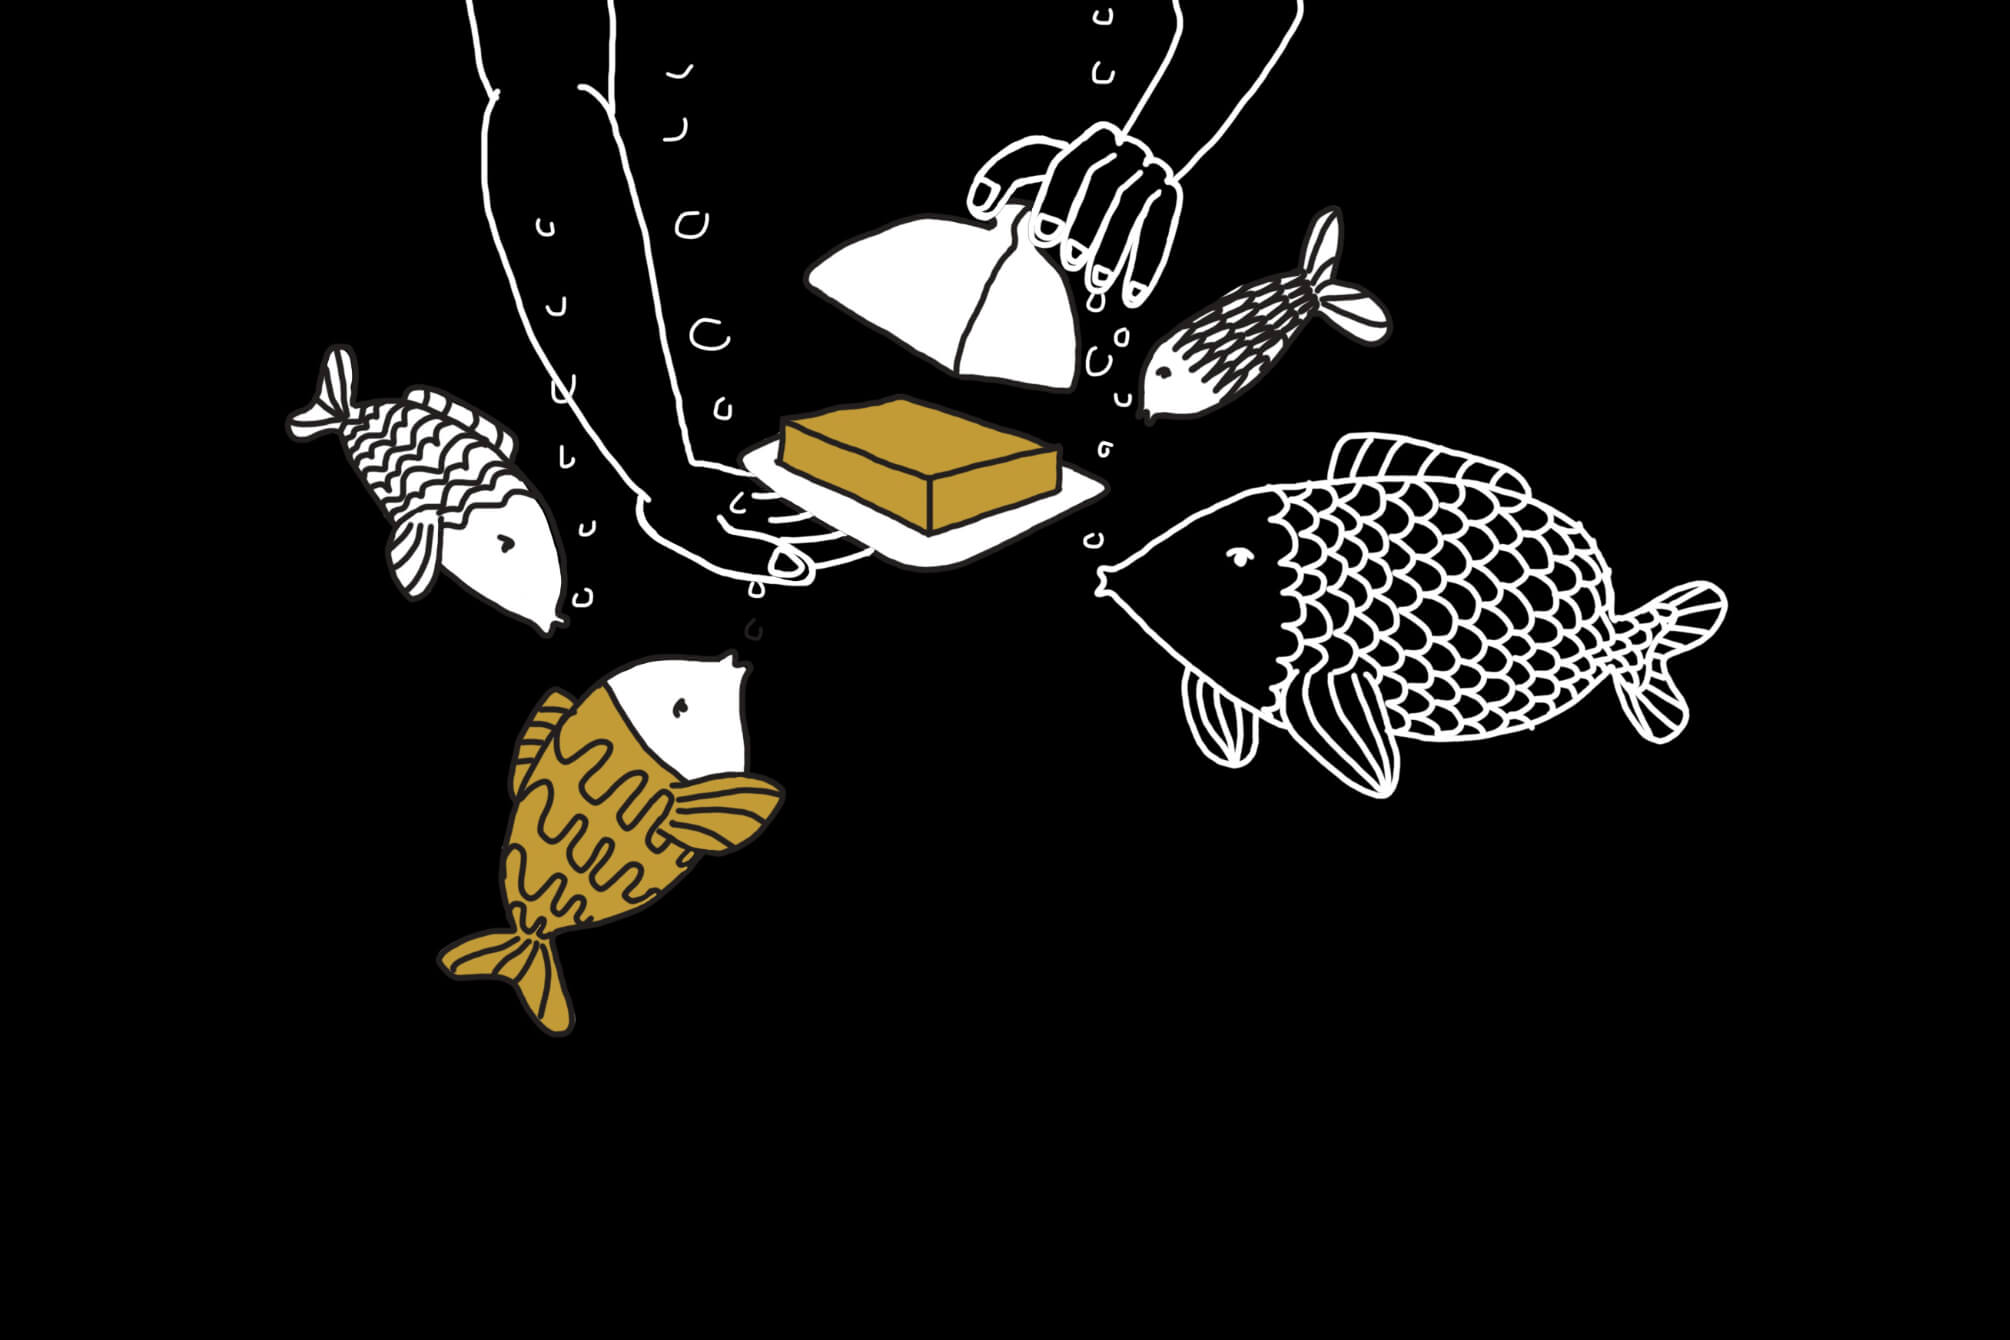 Butter bei die Fische - Auf zur Webherrschaft